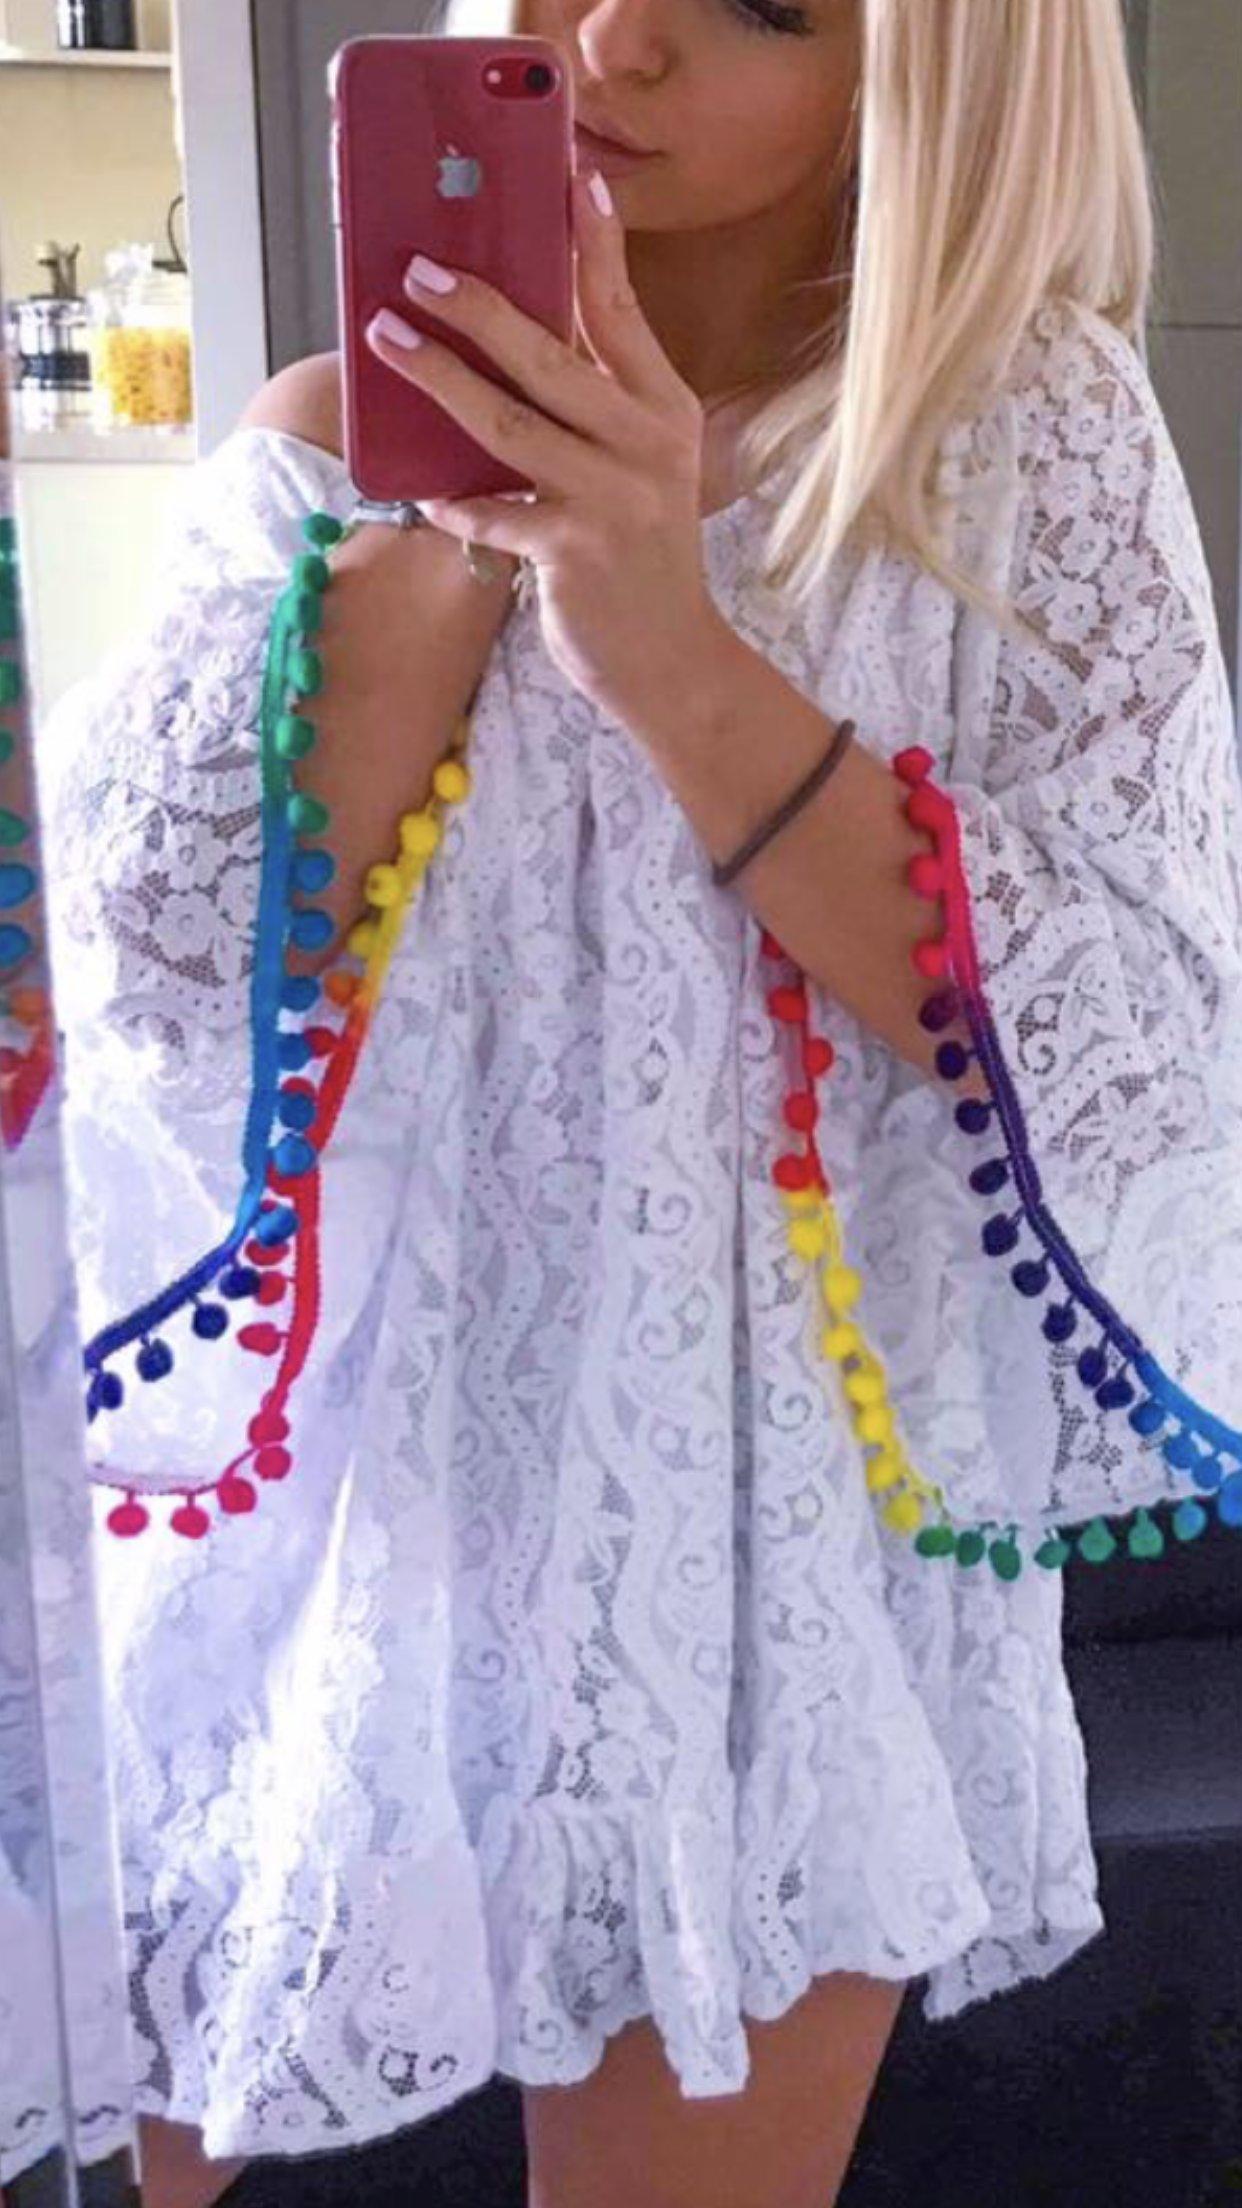 5d894584 New wiosna sukienka boho biała koronka niwersalny - 7313653340 ...